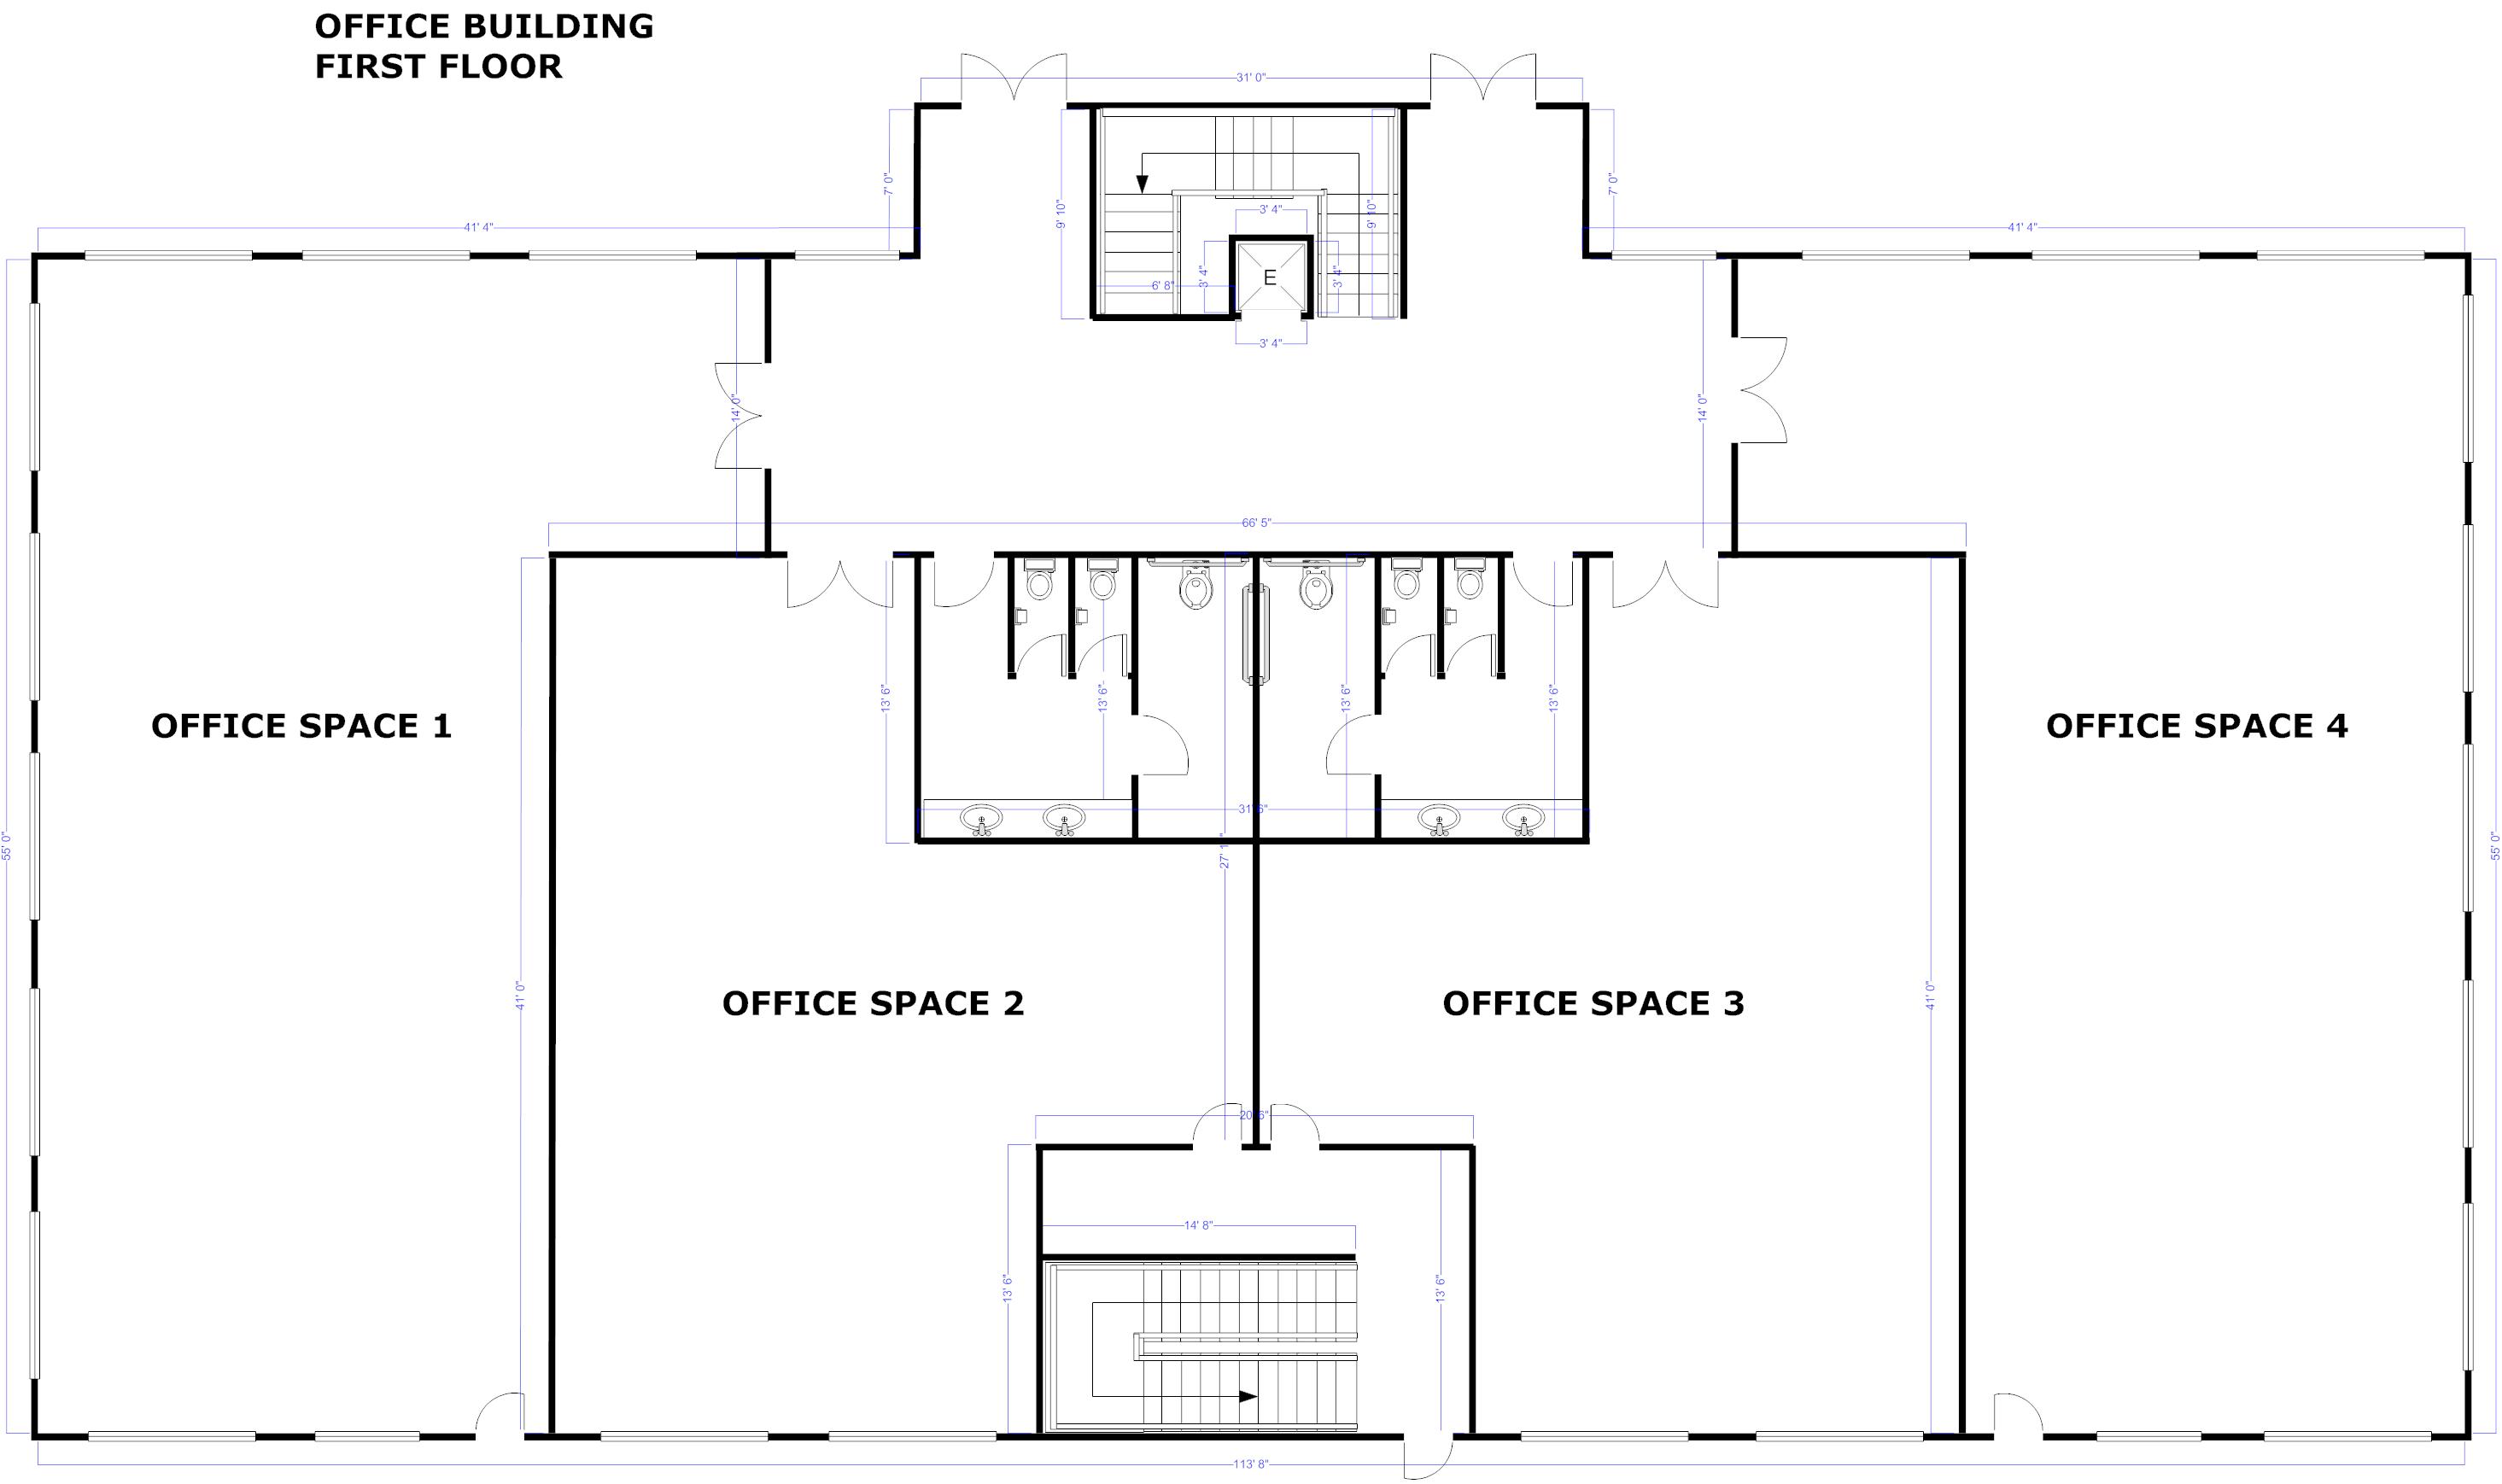 Free floor plan software floorplanner review first home examples free floor plan software floorplanner review first home examples download home designzen designinterior malvernweather Image collections